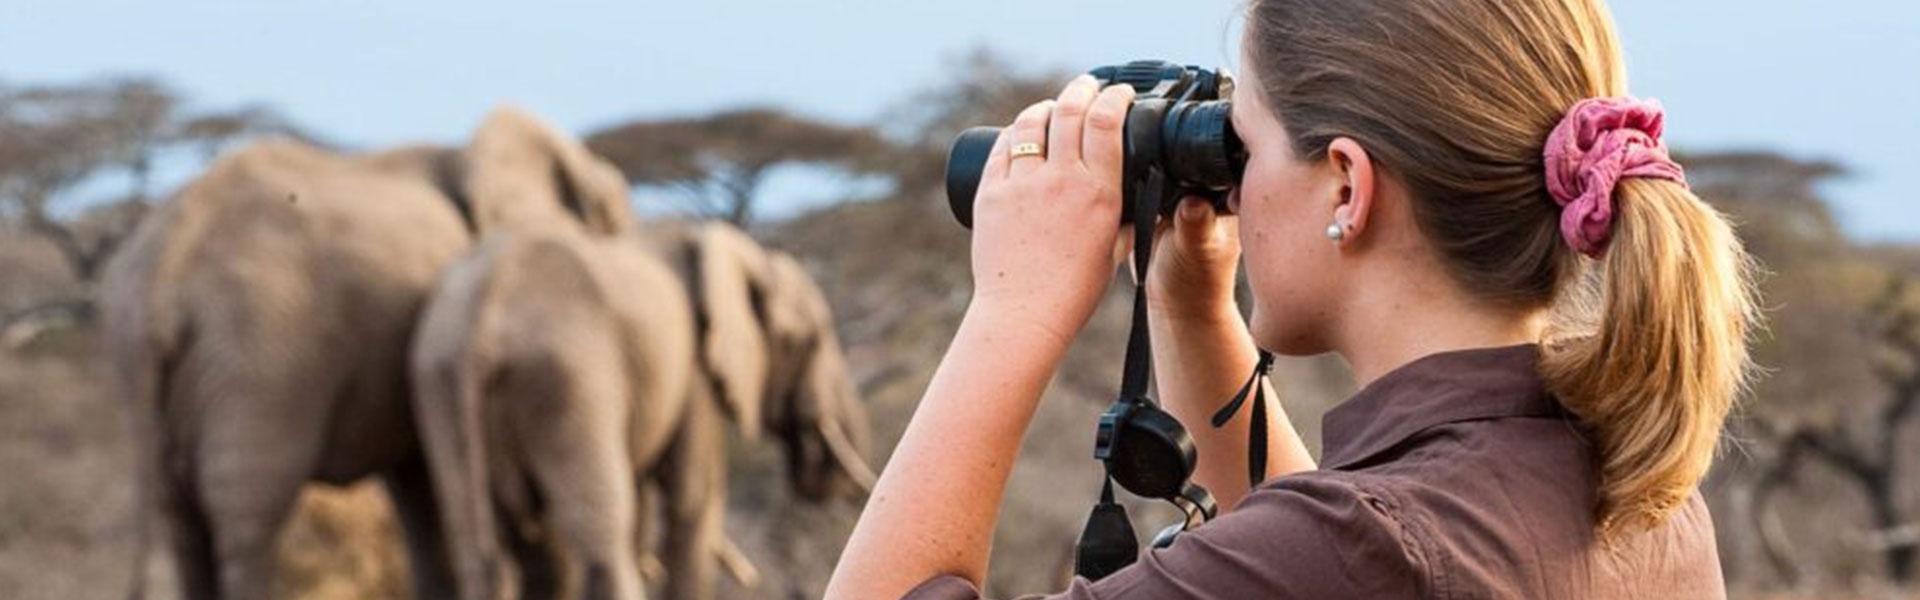 The Beginner's Guide to a Solo Safari